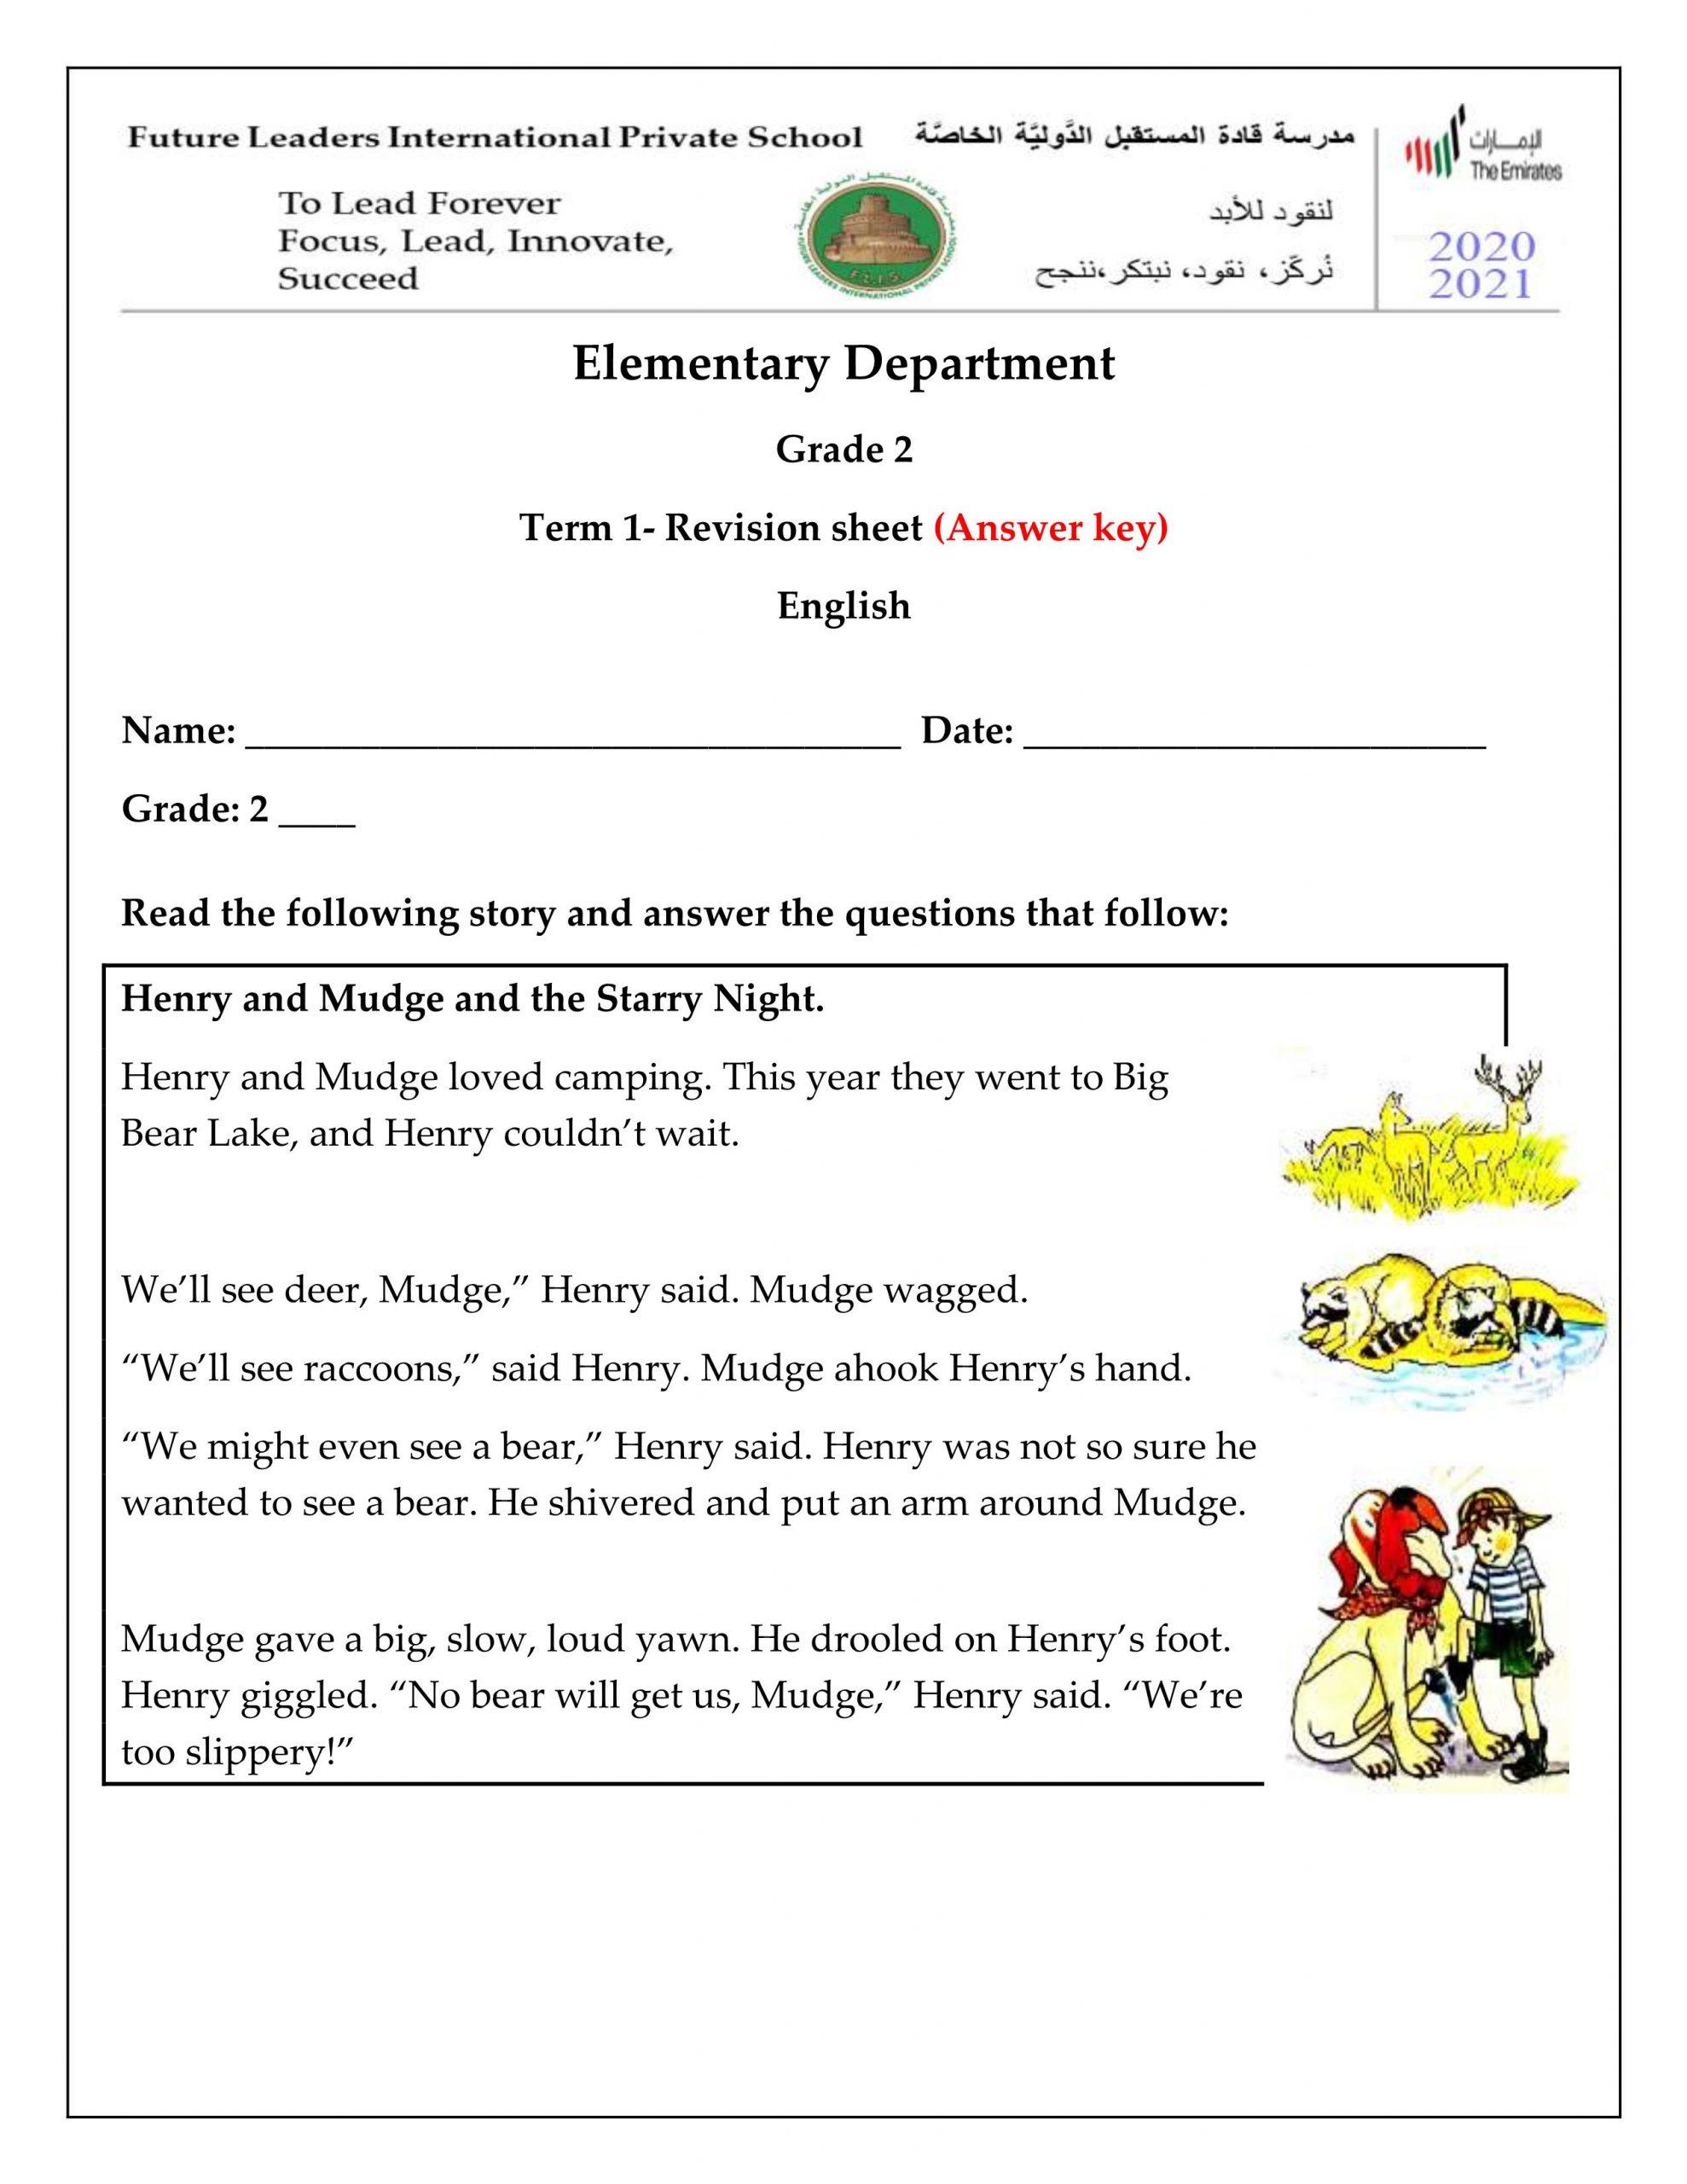 اوراق عمل Final  Reading Exam Sample الصف الثاني مادة اللغة الانجليزية - بوربوينت